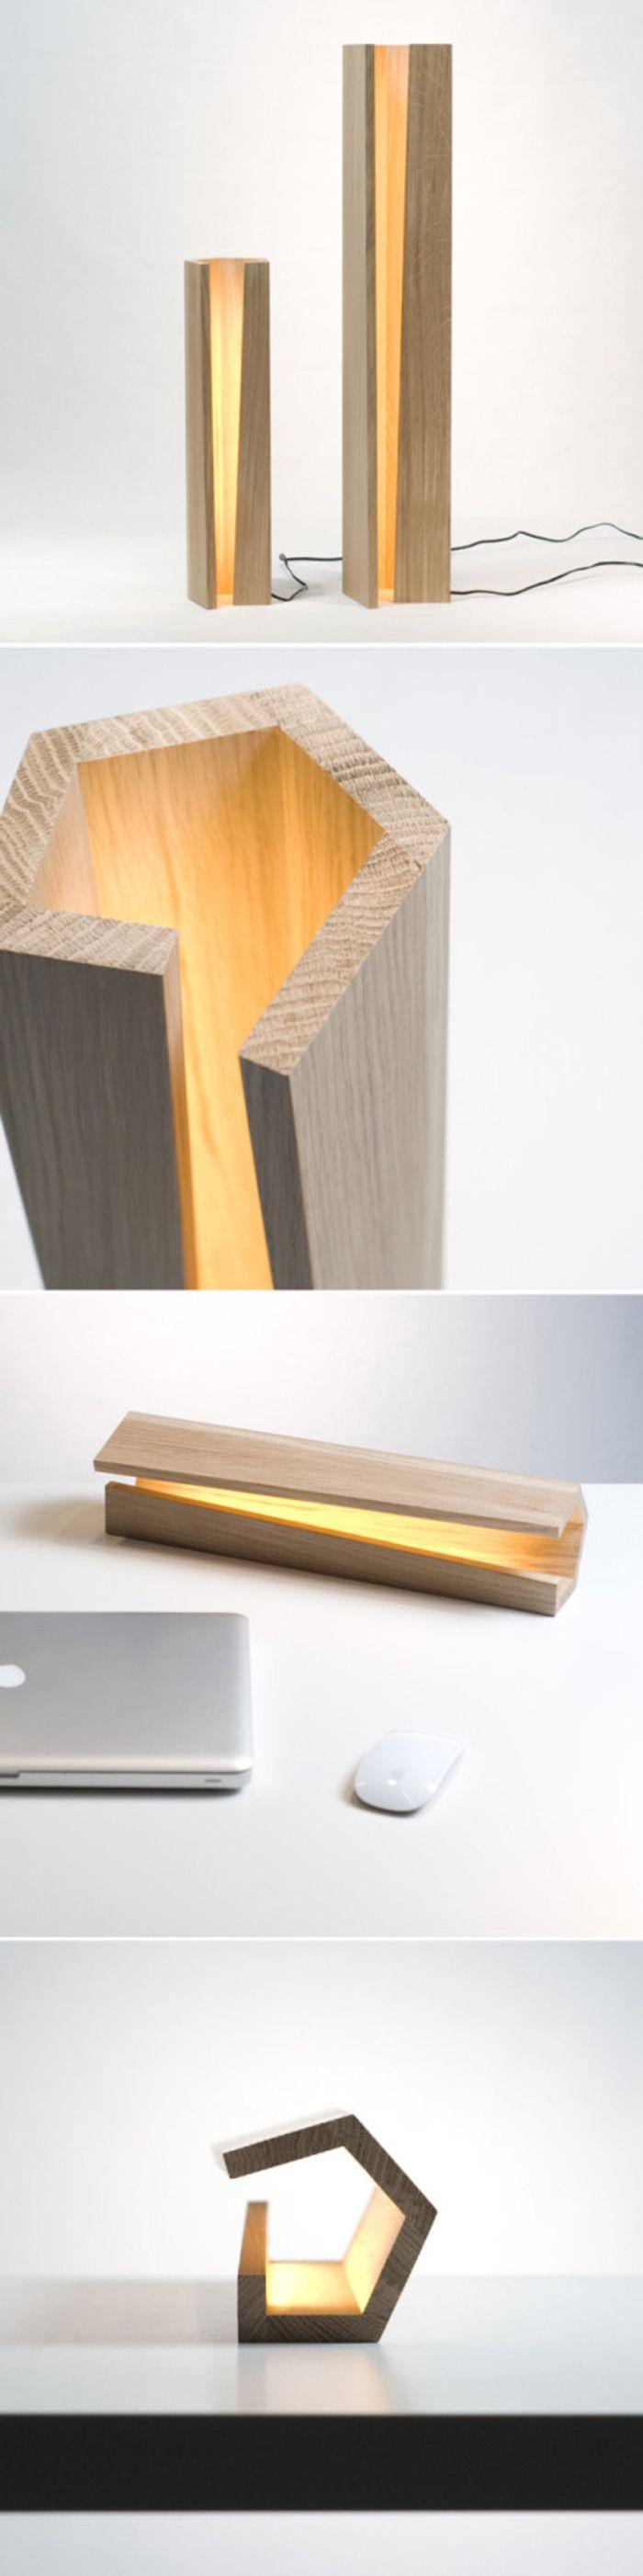 Disegno Elomax bella lampada in legno Elagone, facendo uso di quercia bianca.